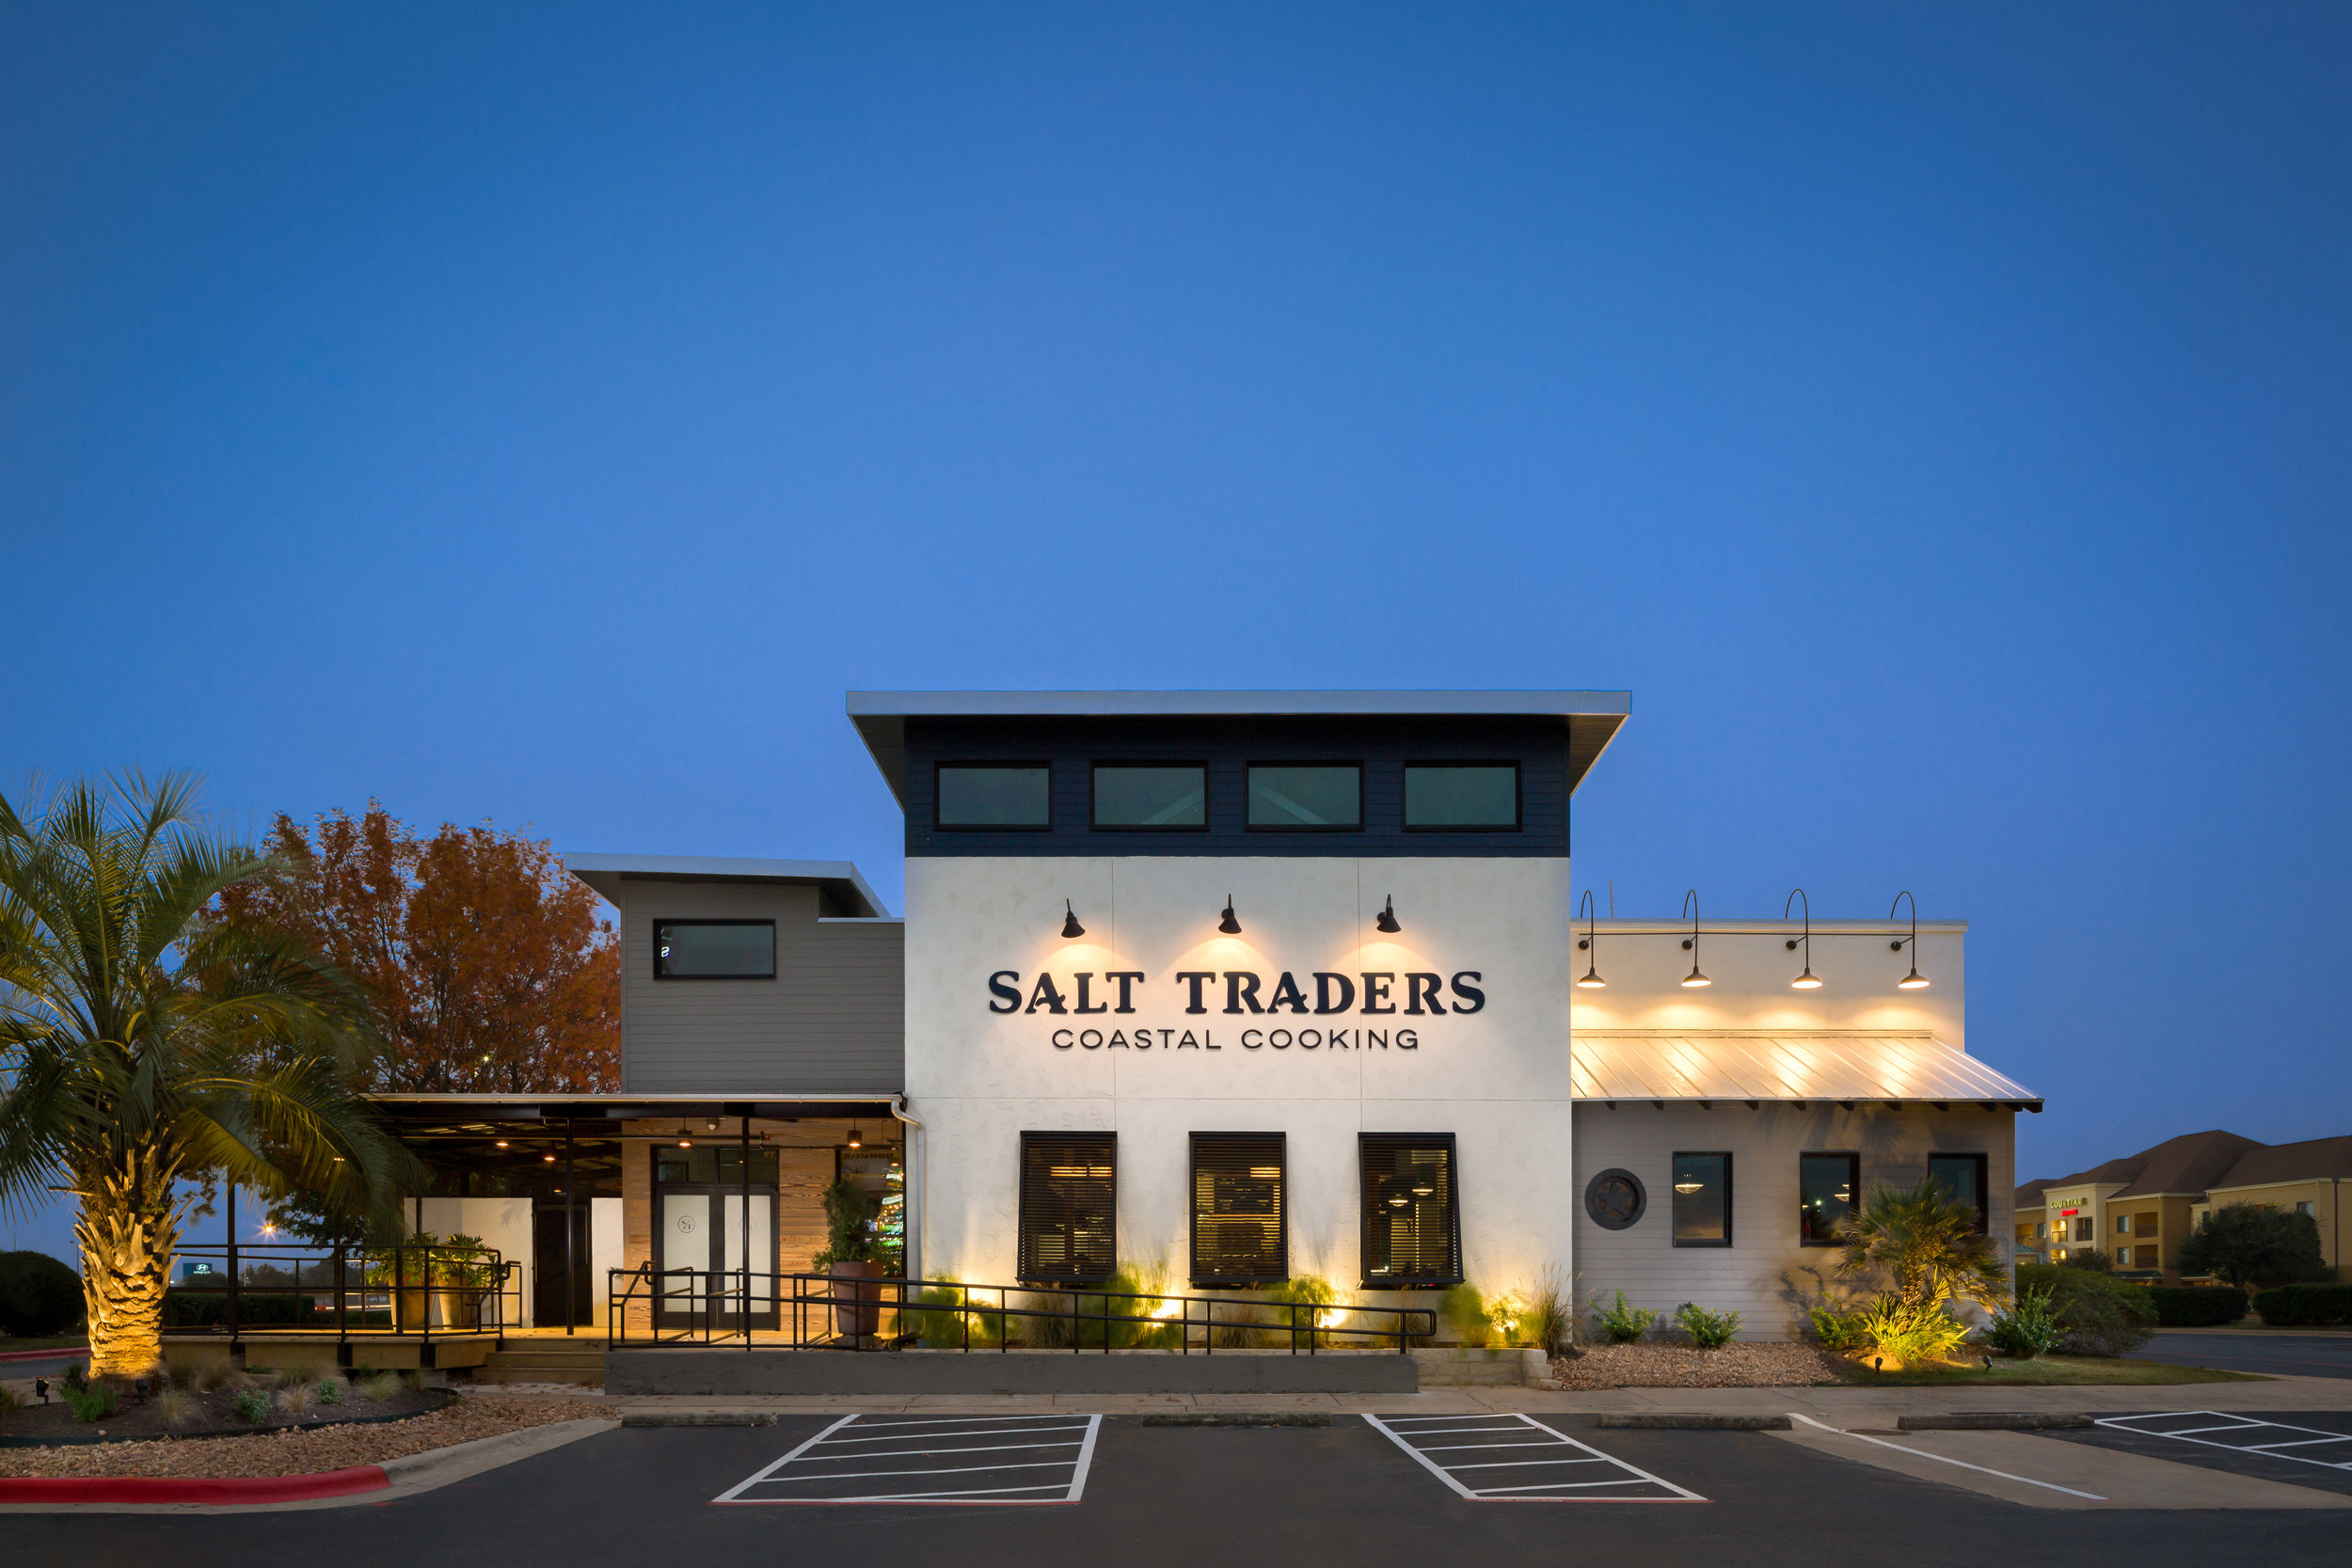 Salt Traders